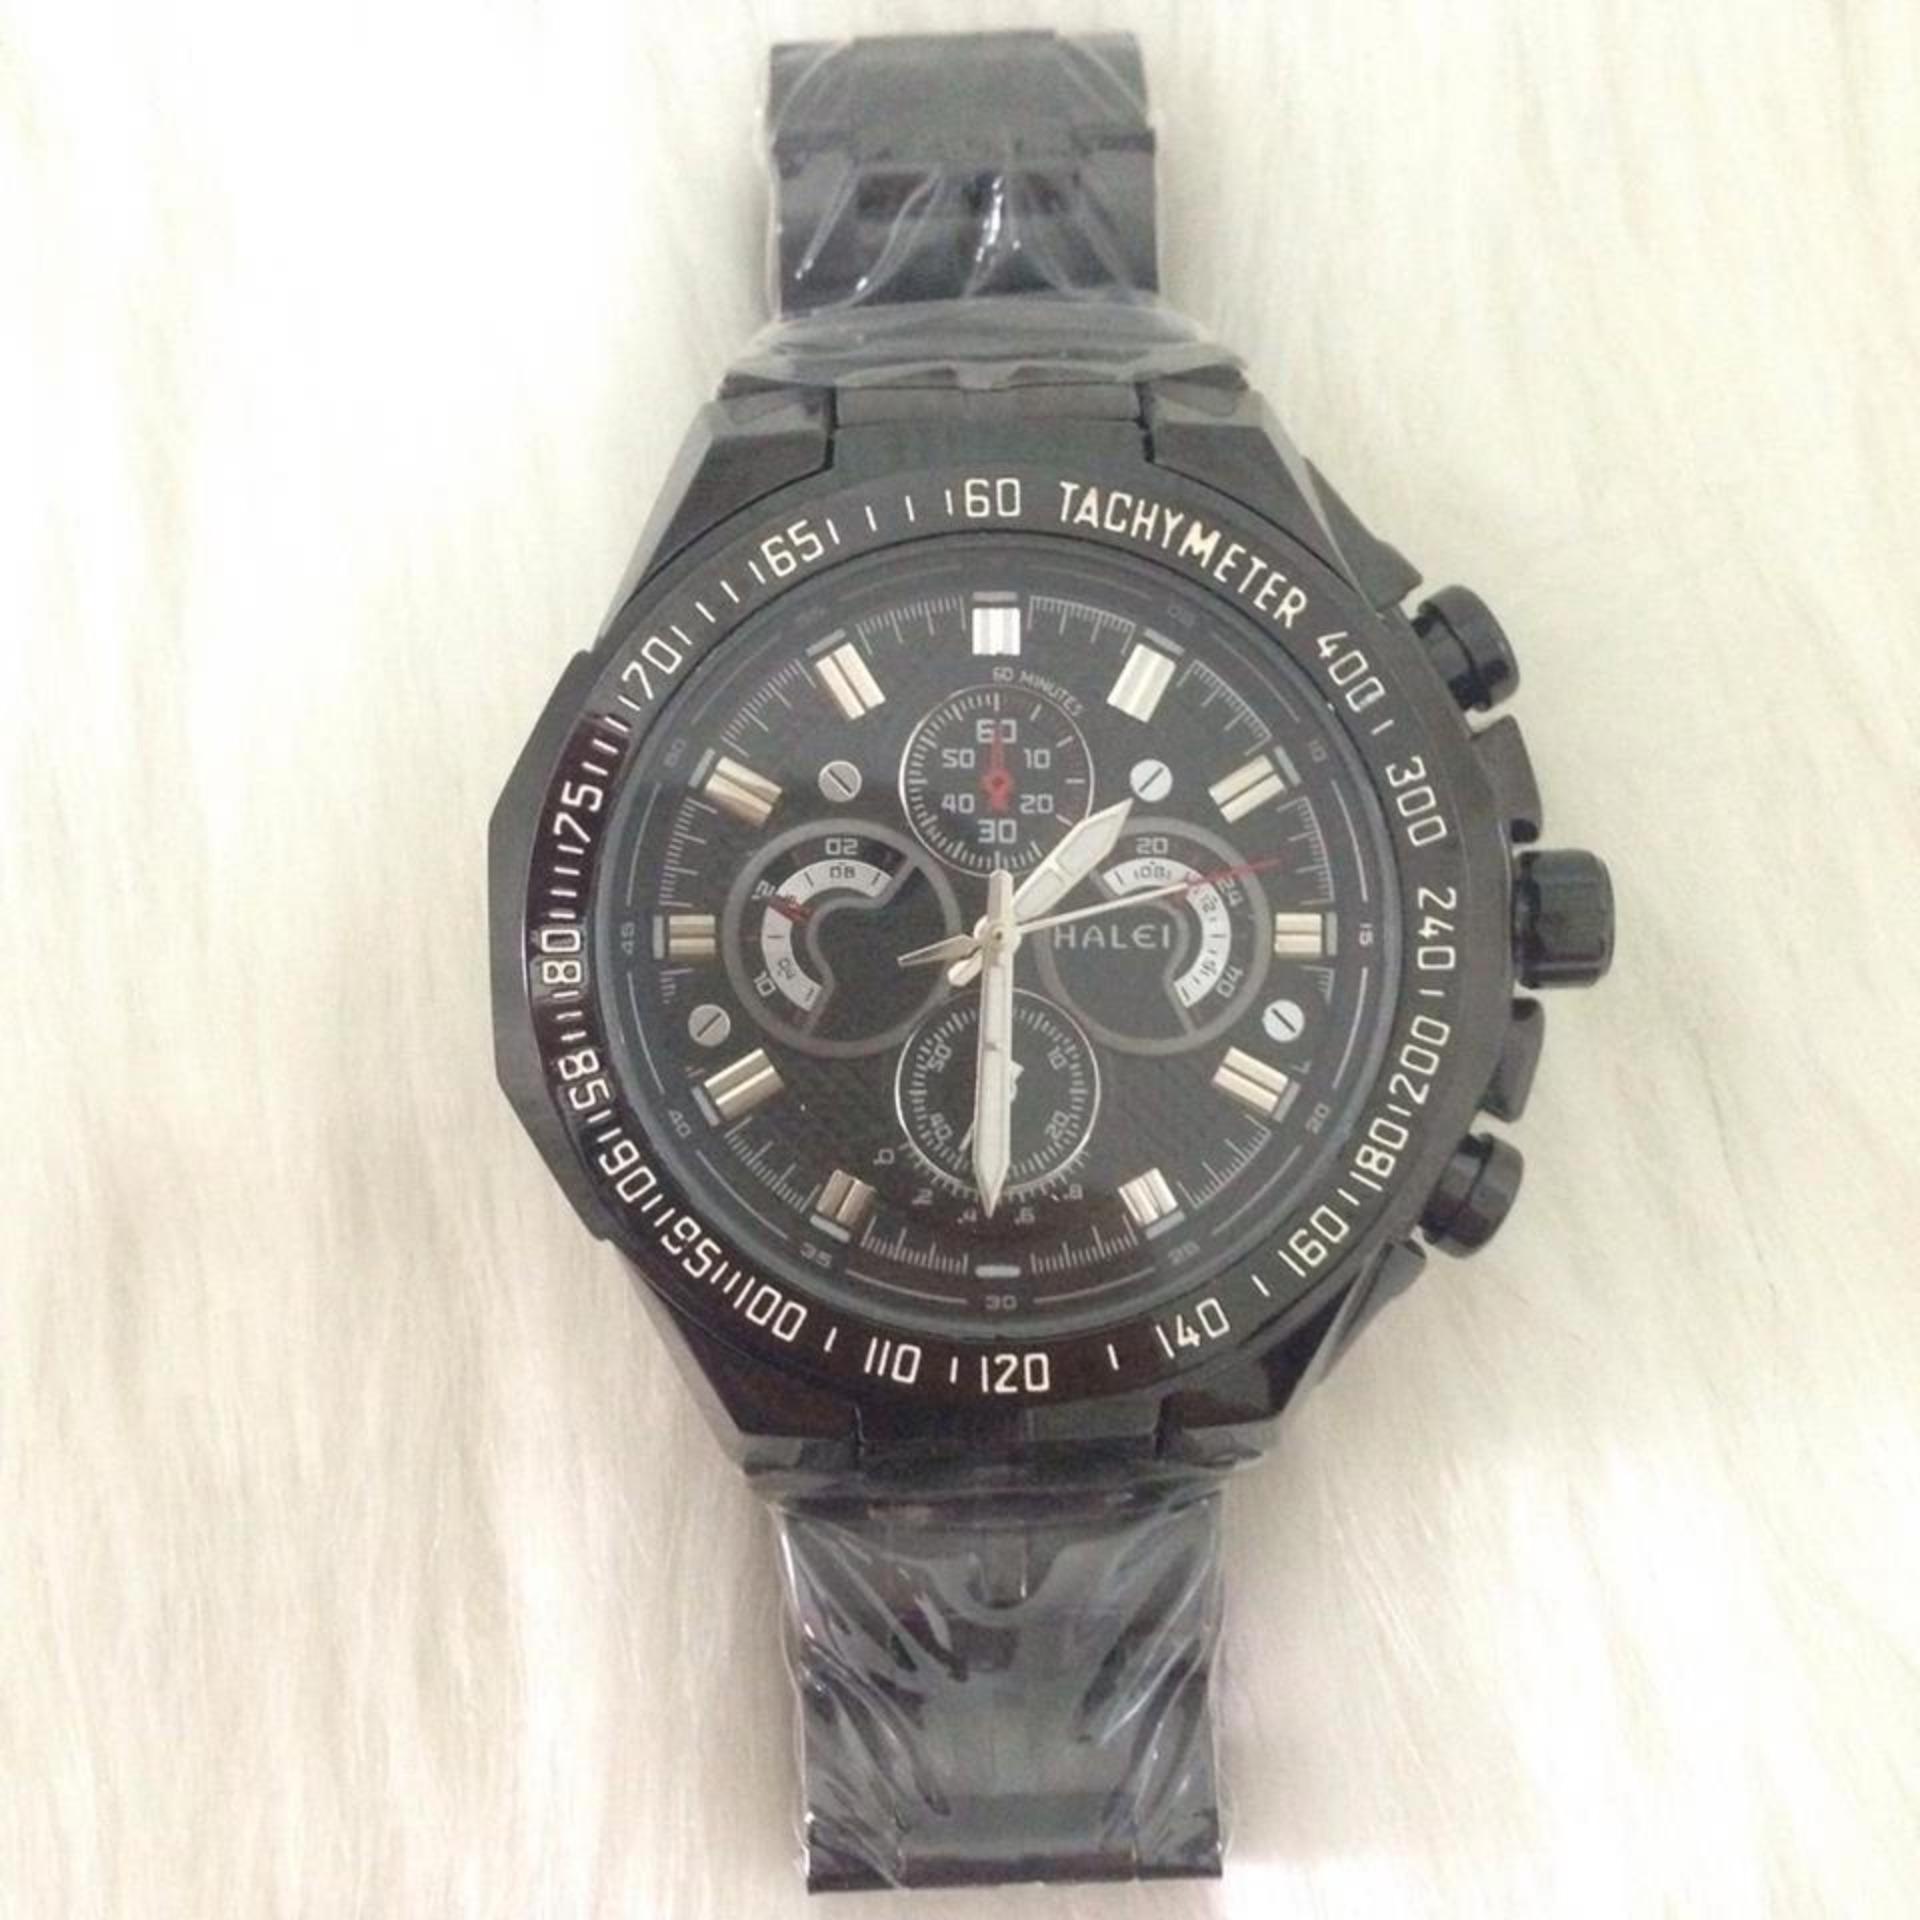 Đồng hồ nam chống nước dây thép không gỉ HALEI LUX10 full black